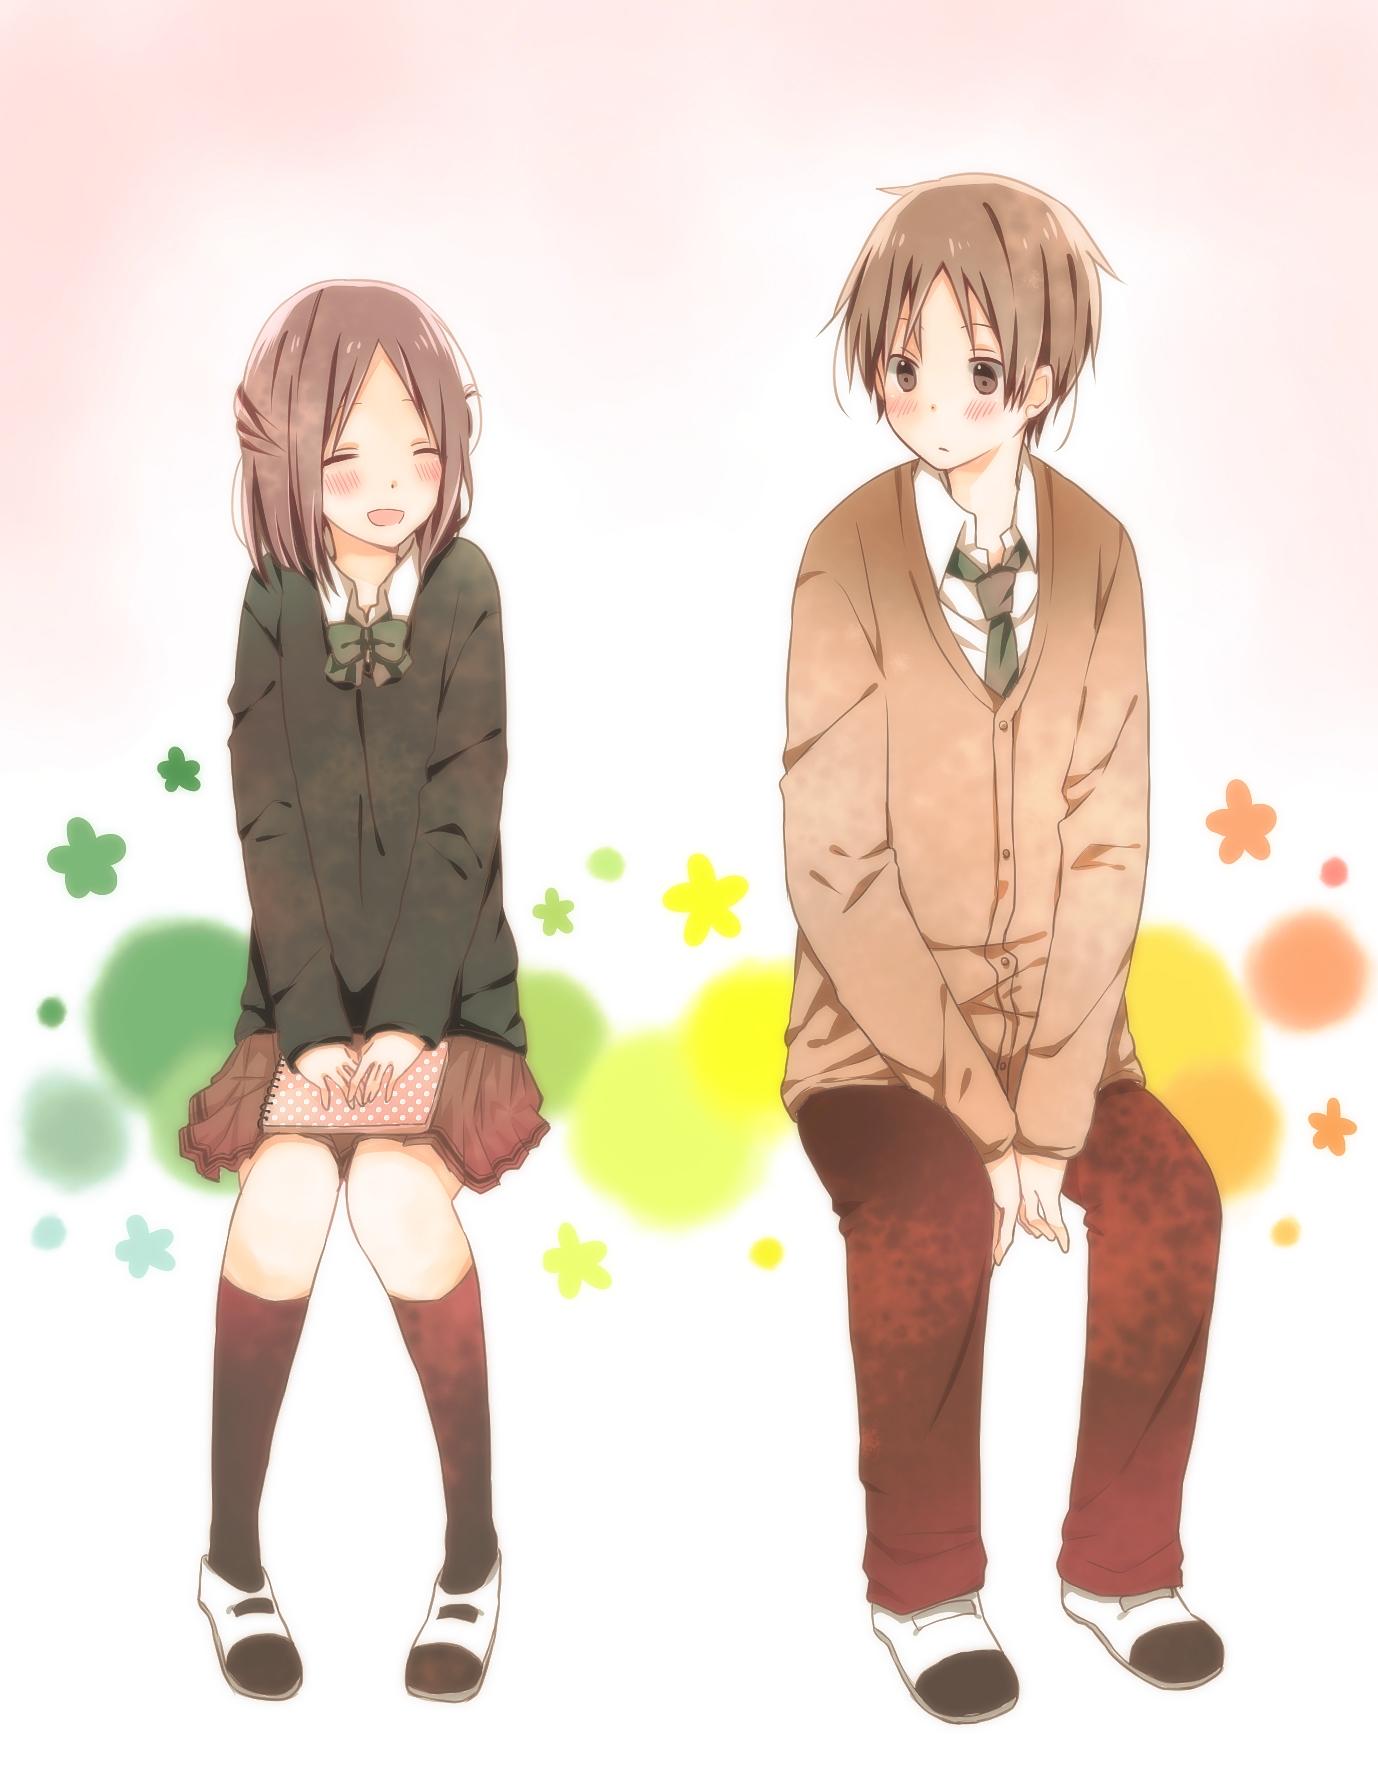 kawaii anime girl wallpaper hd